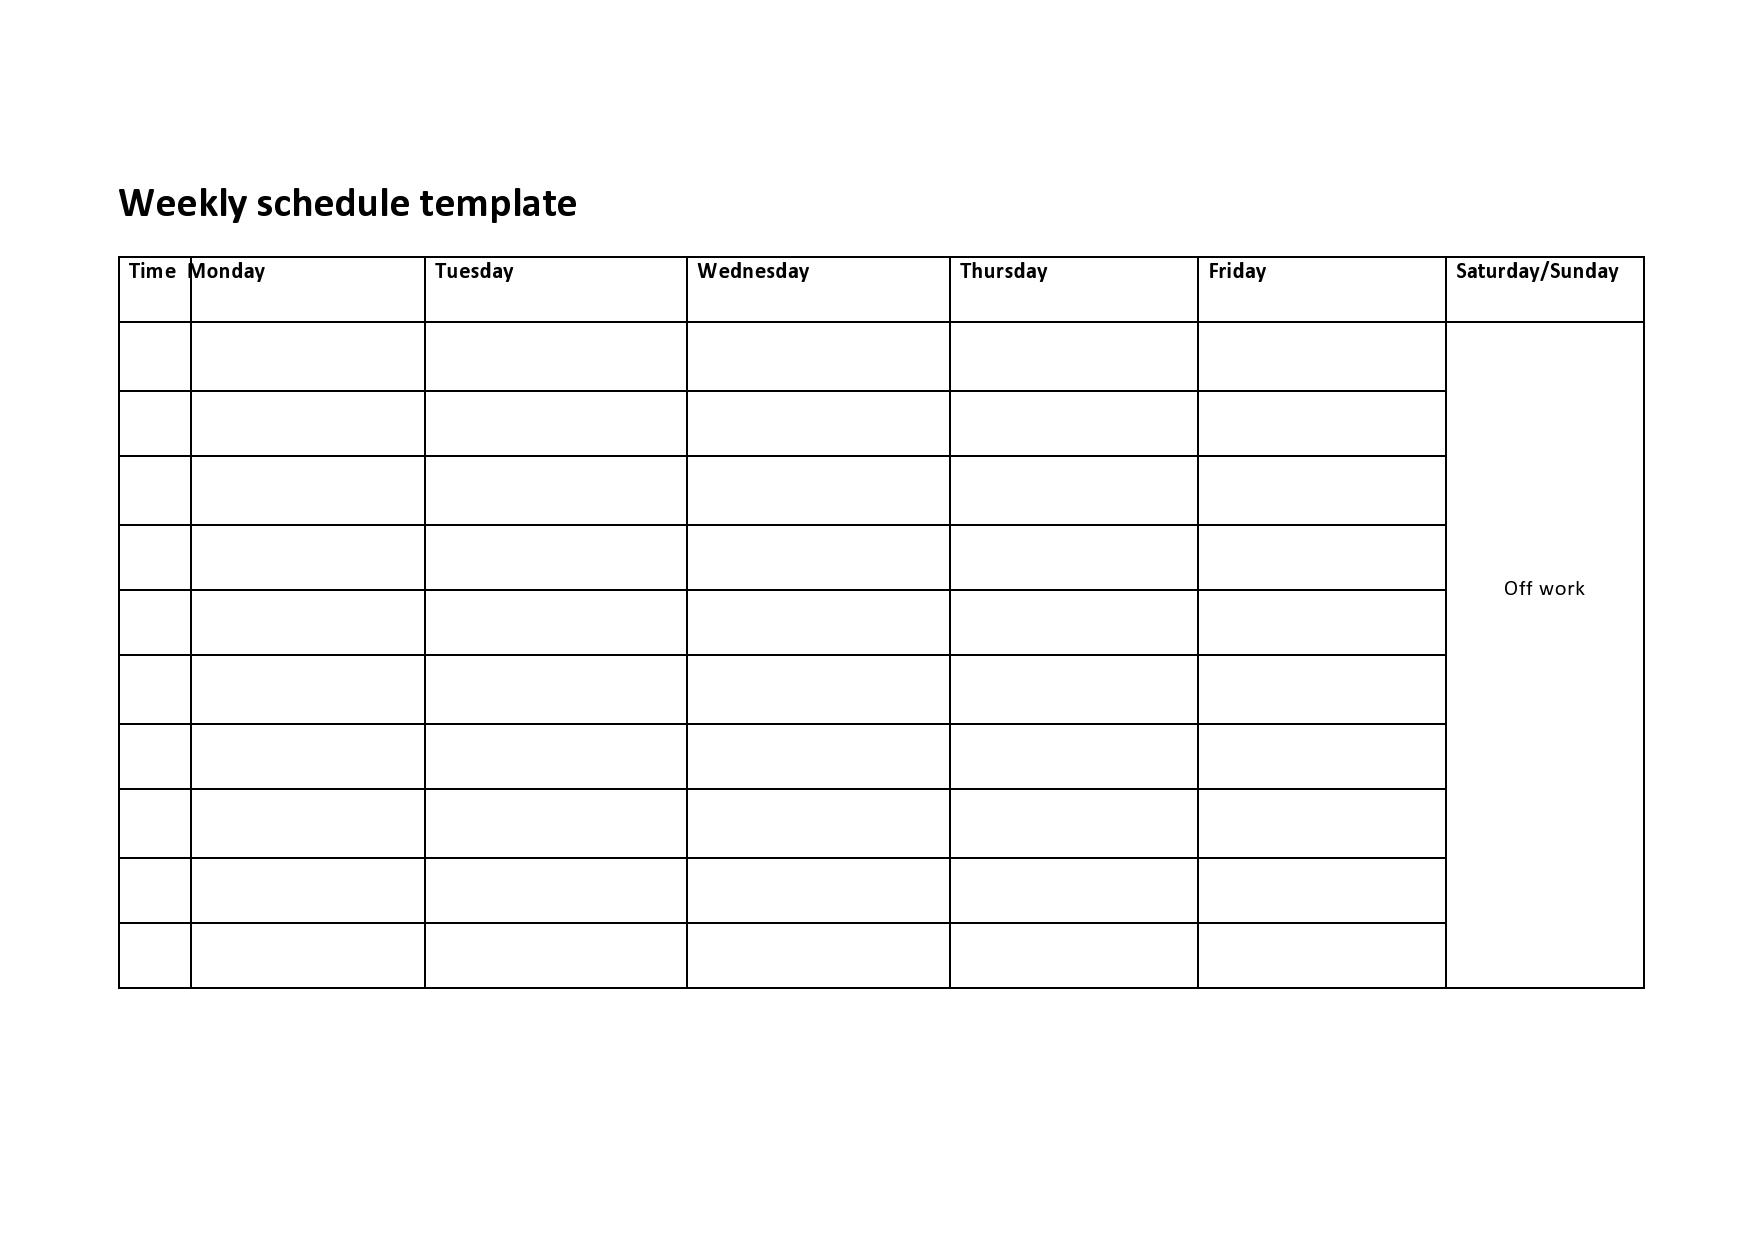 Get Work Week Printable Calader Template Blank